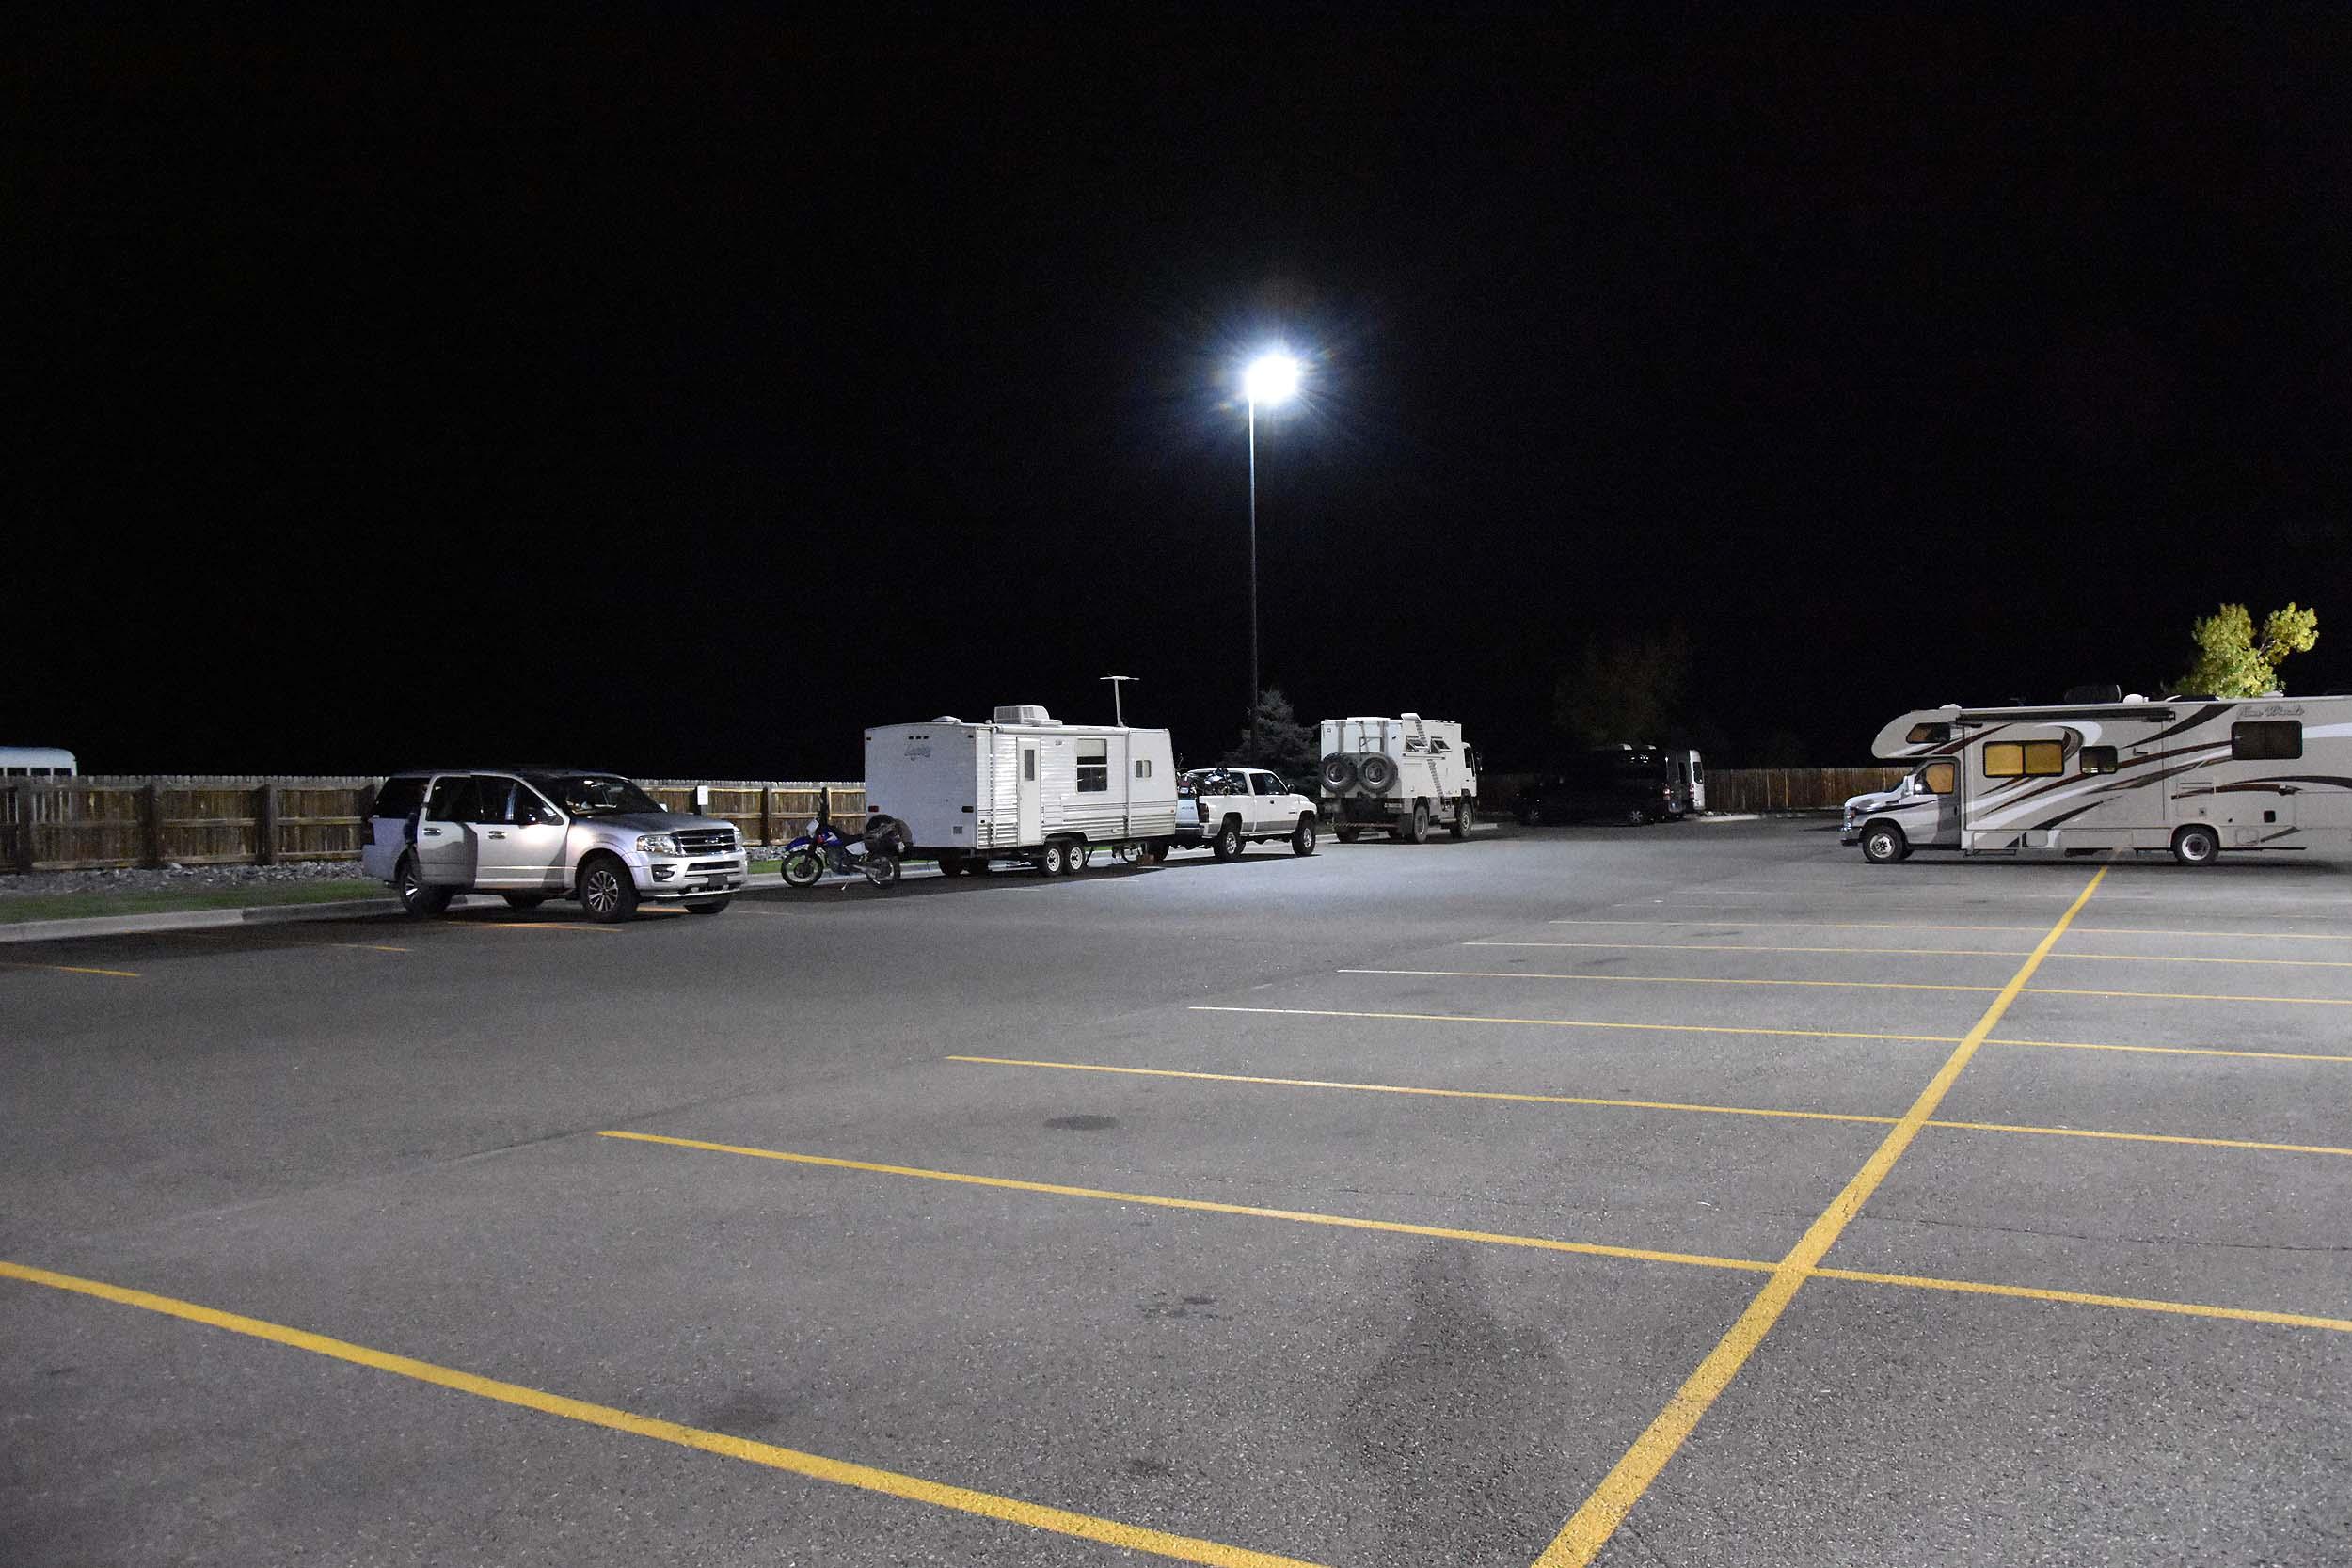 Walmart-Parkplatz am späten Abend